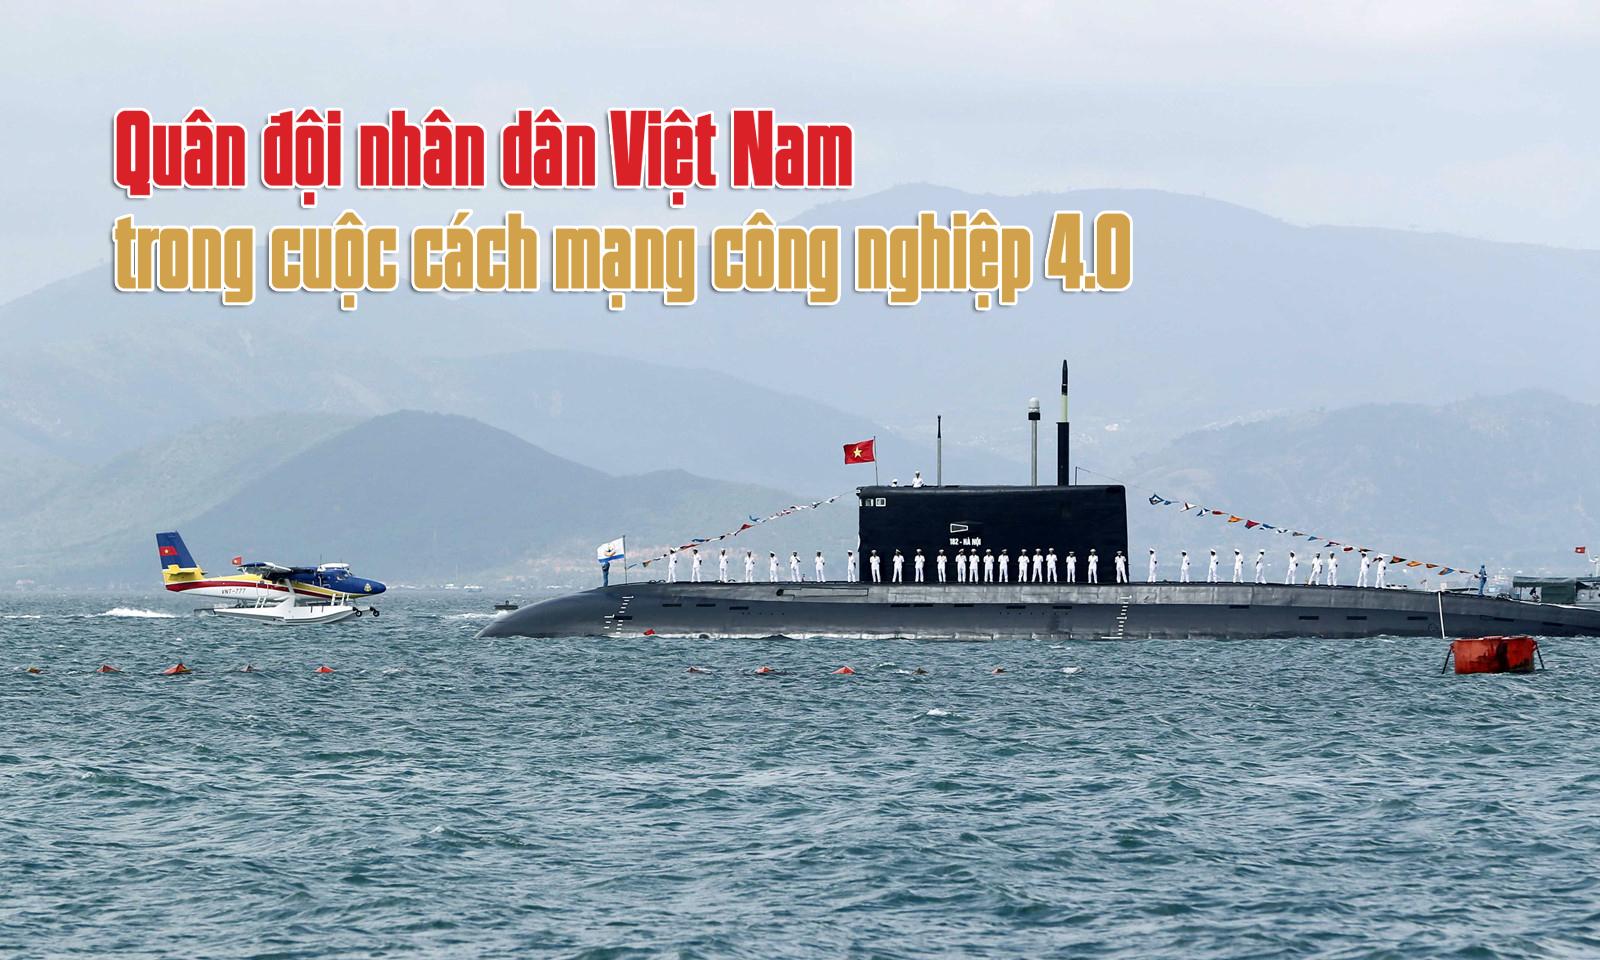 Quân đội nhân dân Việt Nam,Tàu ngầm Kilo,Vũ khí công nghệ cao,Cách mạng 4.0,Điện Biên Phủ trên không,Kháng chiến chống Mỹ